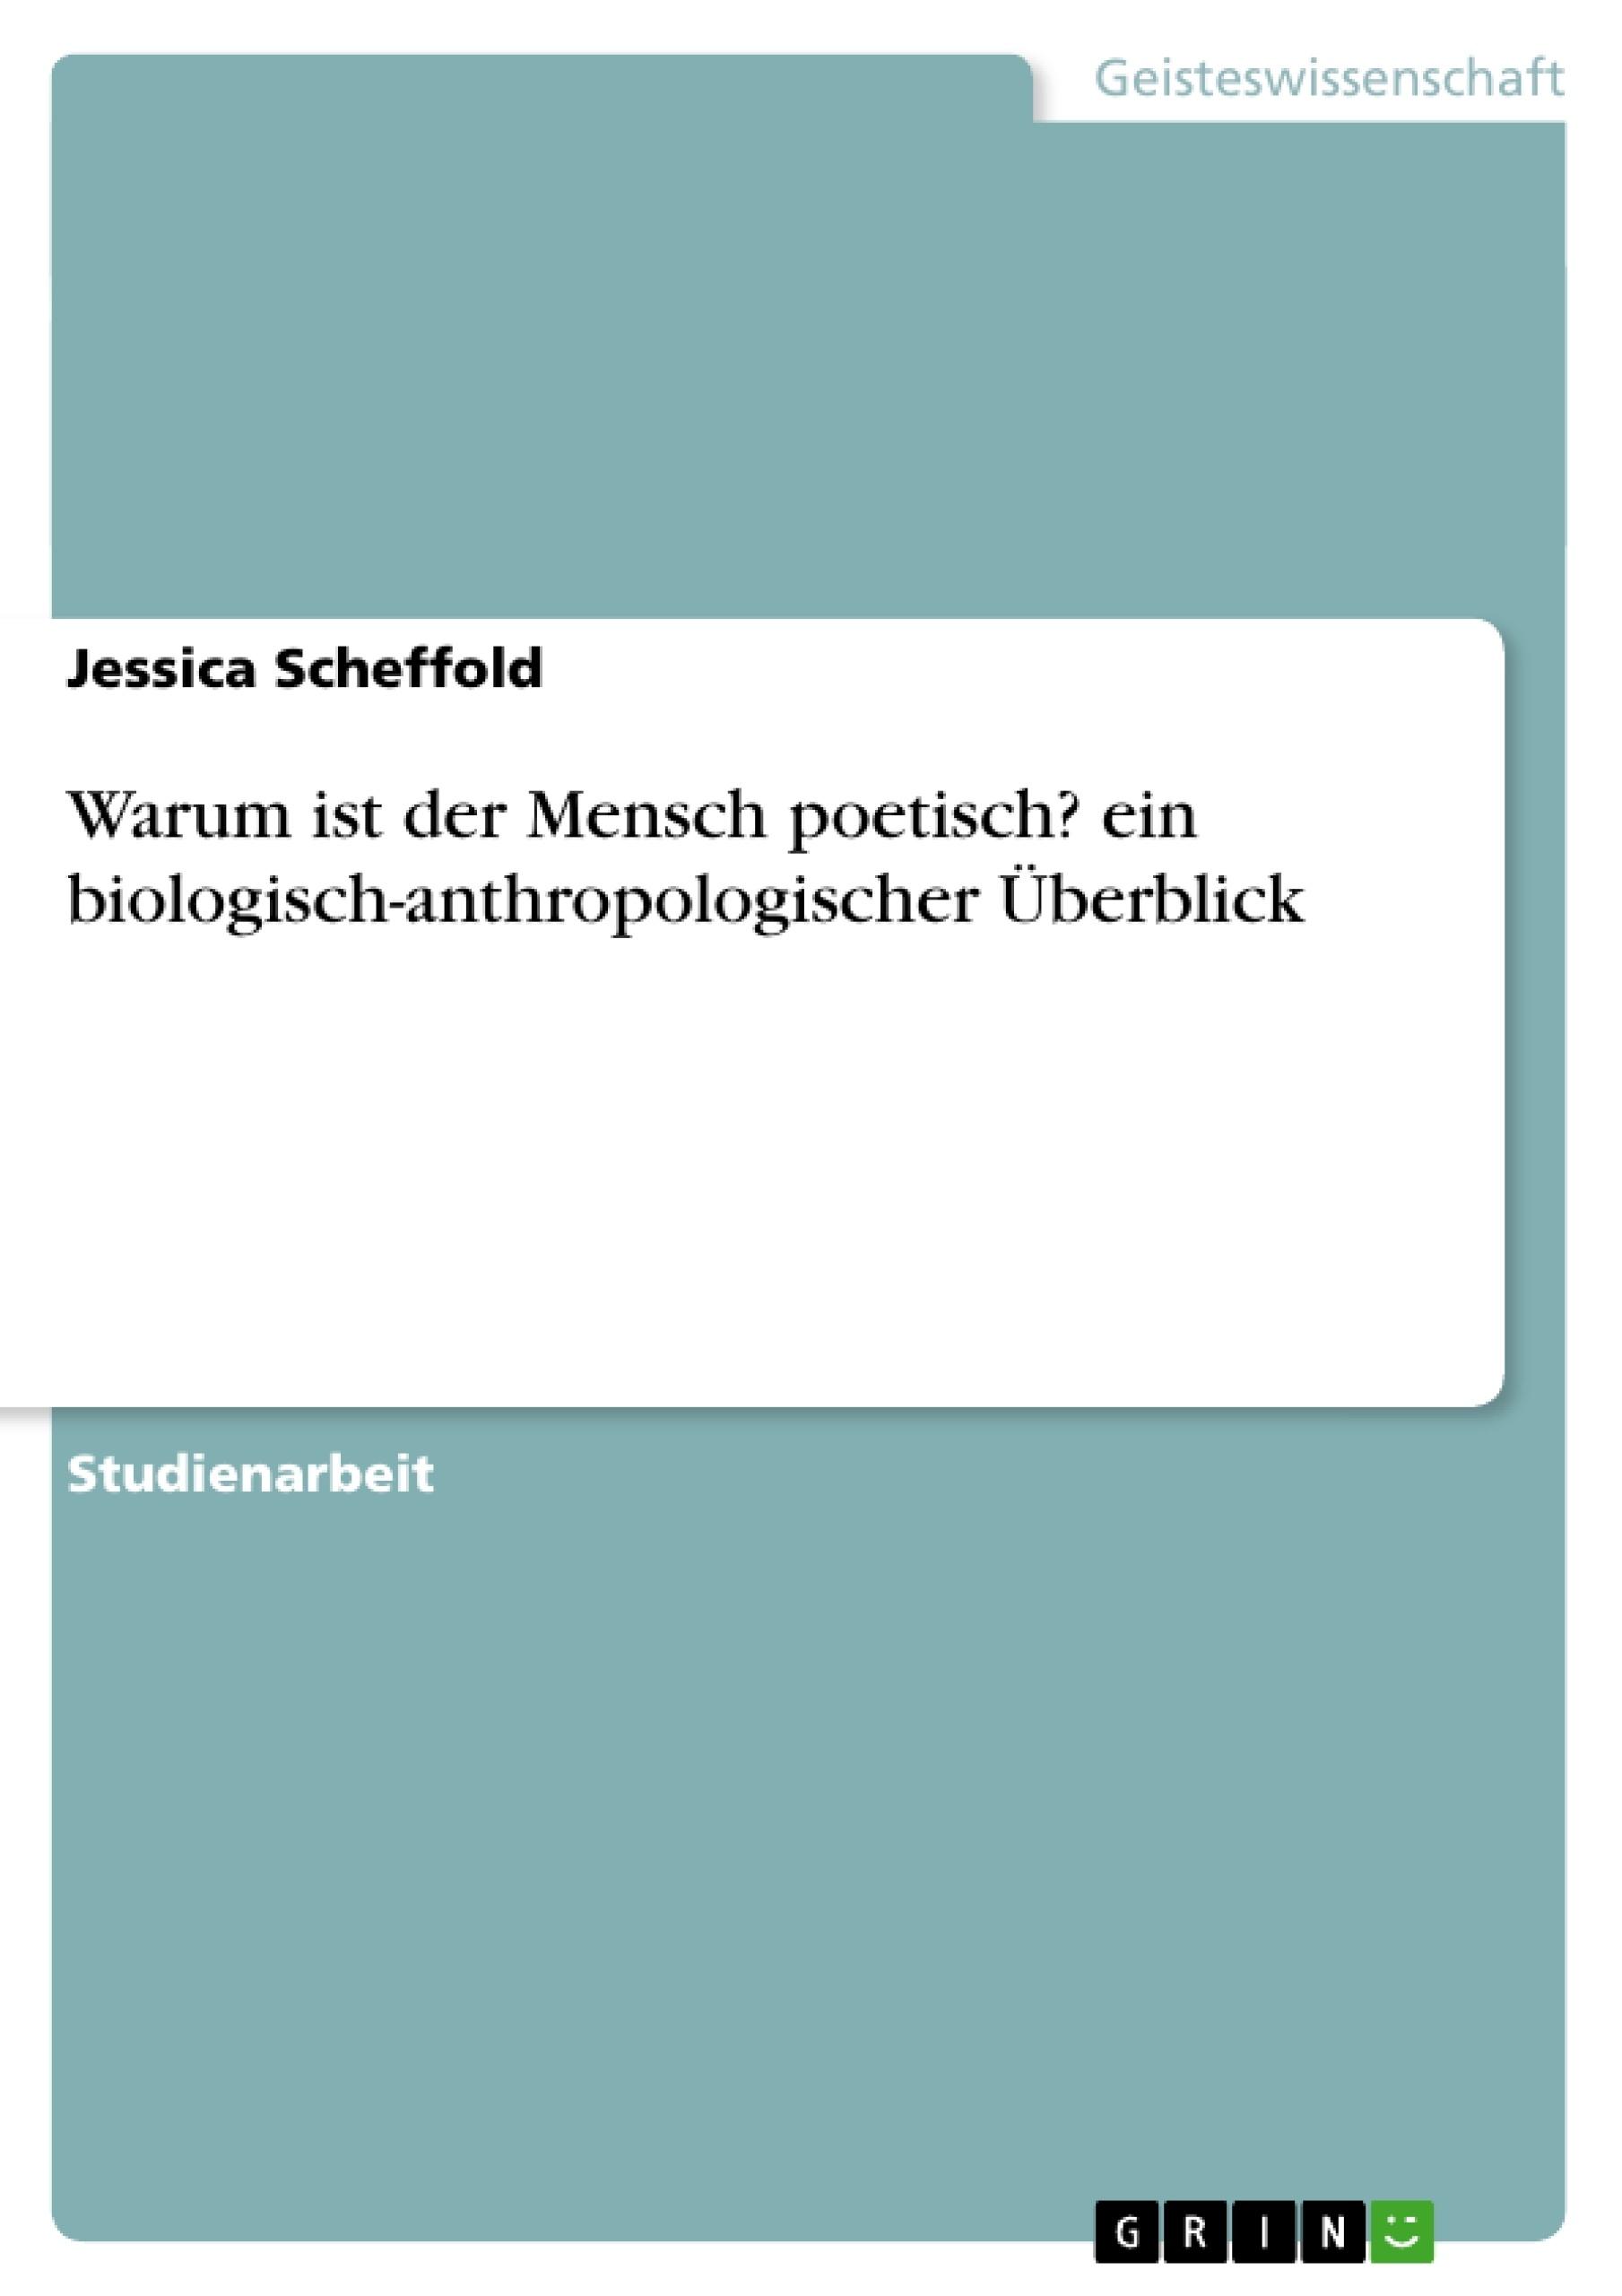 Titel: Warum ist der Mensch poetisch? ein biologisch-anthropologischer Überblick